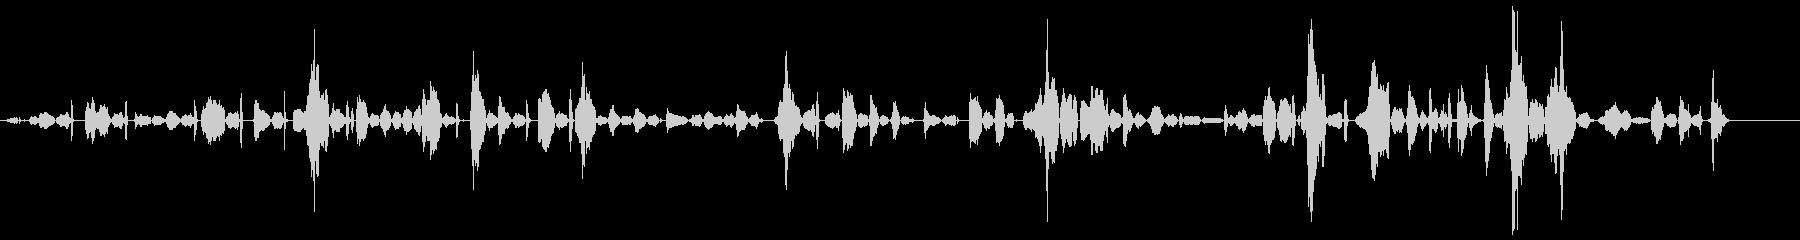 ドリームオーガズム2の未再生の波形